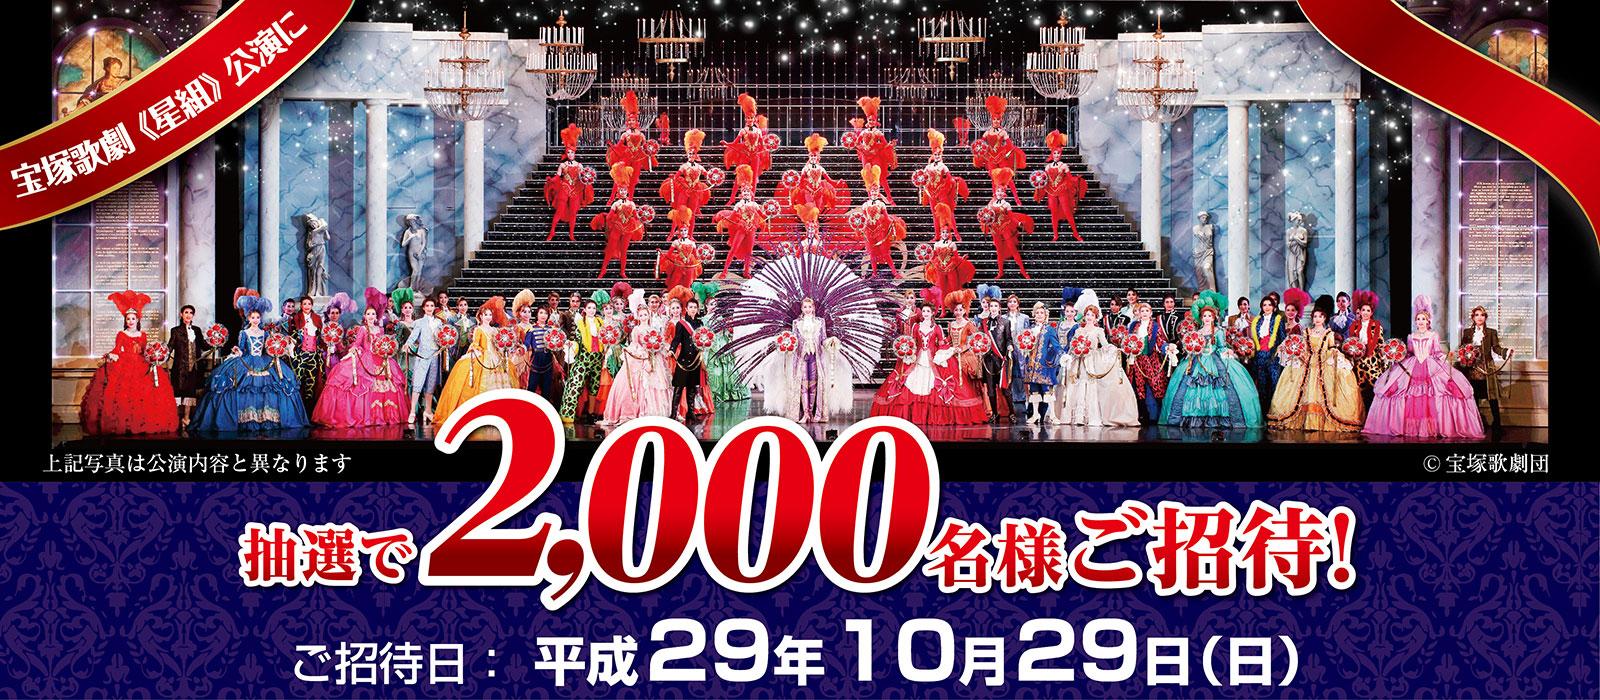 宝塚歌劇に2000名様ご招待!